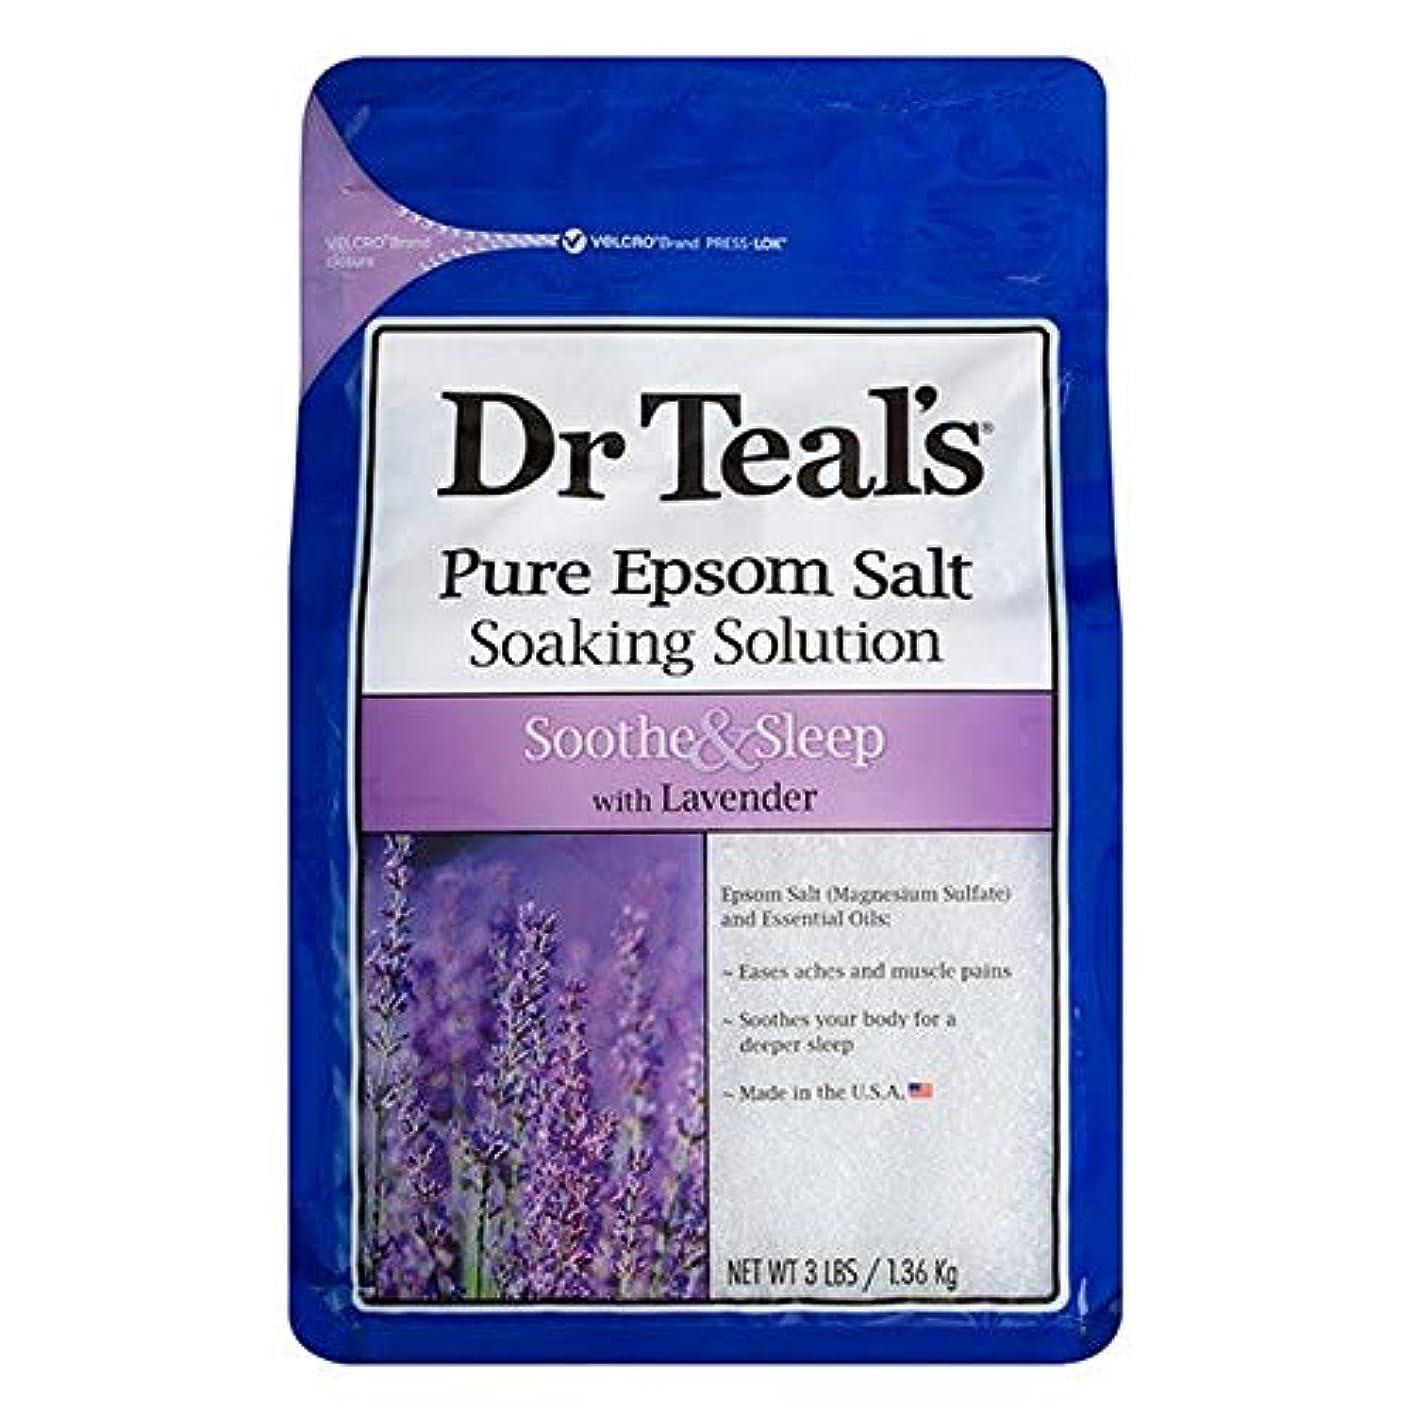 ボクシングフルート余韻[Dr Teals] Drのティールのなだめる&睡眠1.36キロ - Dr Teal's Soothe & Sleep 1.36kg [並行輸入品]